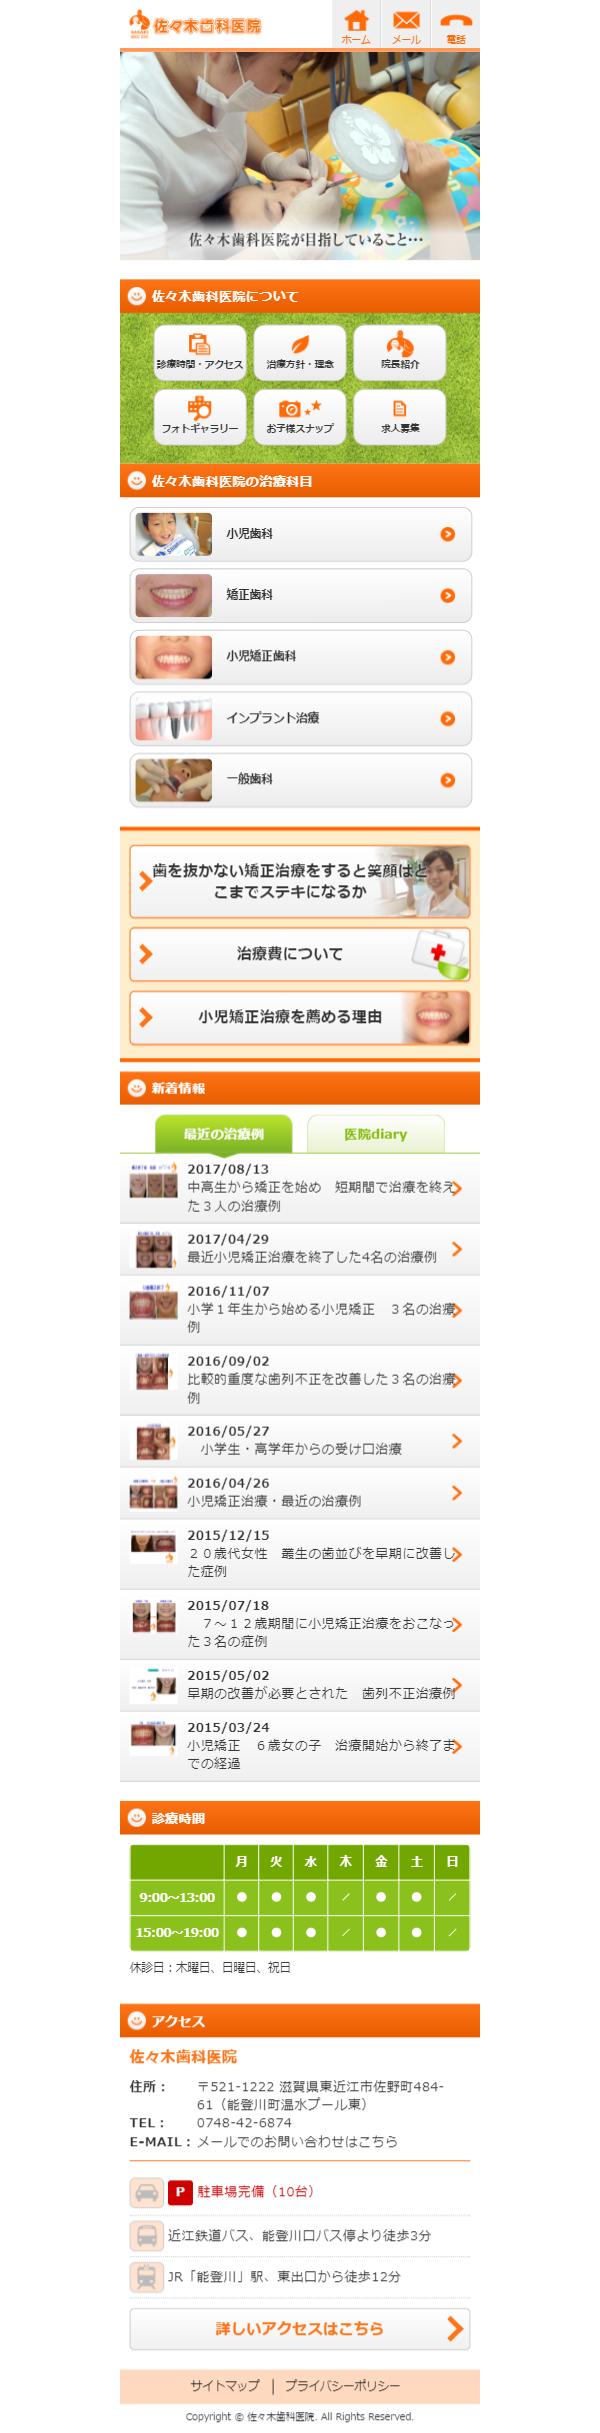 東近江市 佐々木歯科医院様 ホームページ制作3